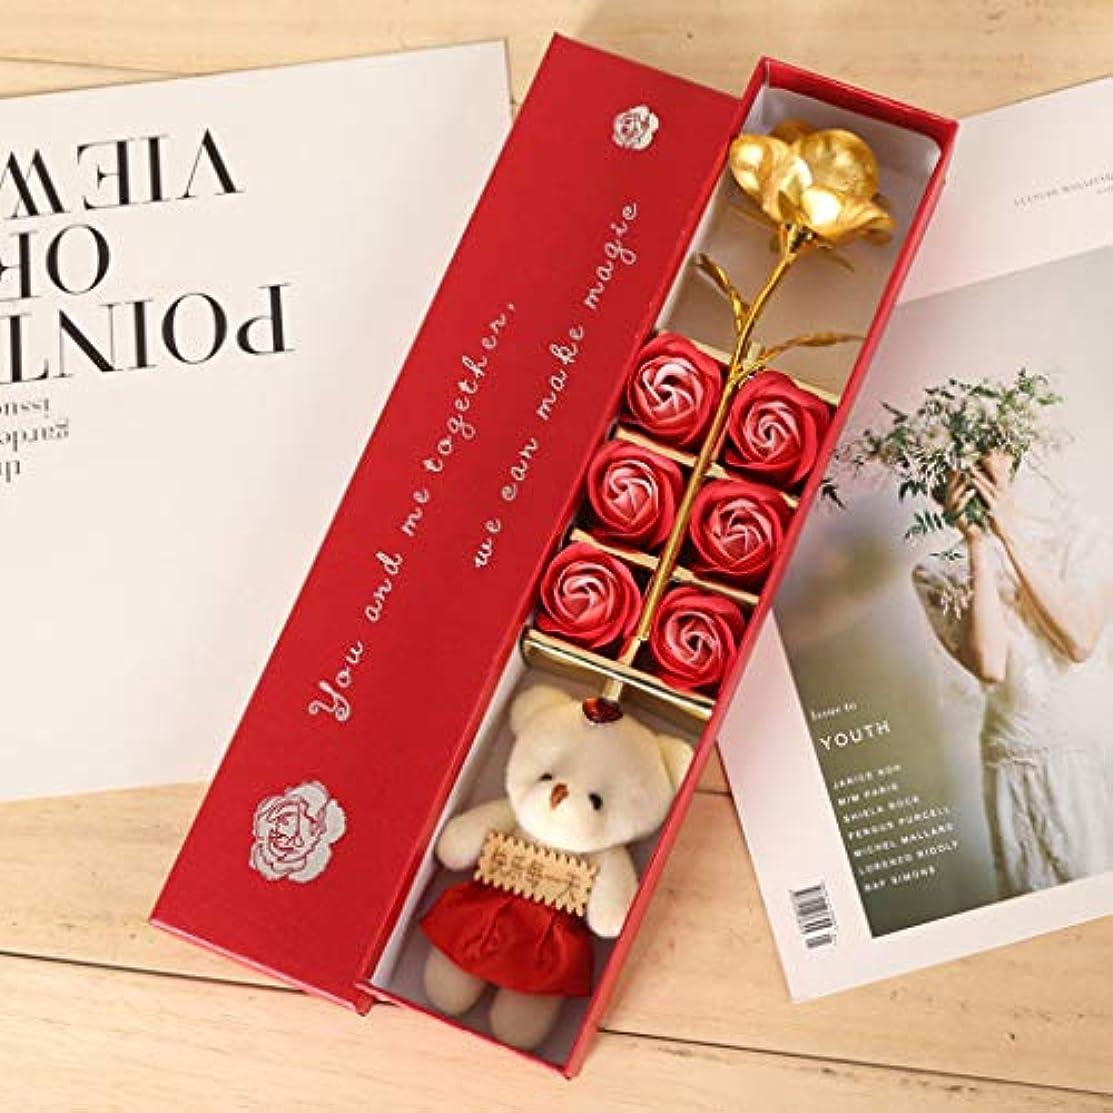 連続した試みるブラスト【ゴールデンローズギフトボックス】6石鹸のバラの花/せっけんの花/かわいいバラ/素敵な女の子/ママへのユニークな贈り物/誕生日/母の日/記念日/バレンタインデー/卒業プレゼント/あなたが愛した人のための女性 (レッド)